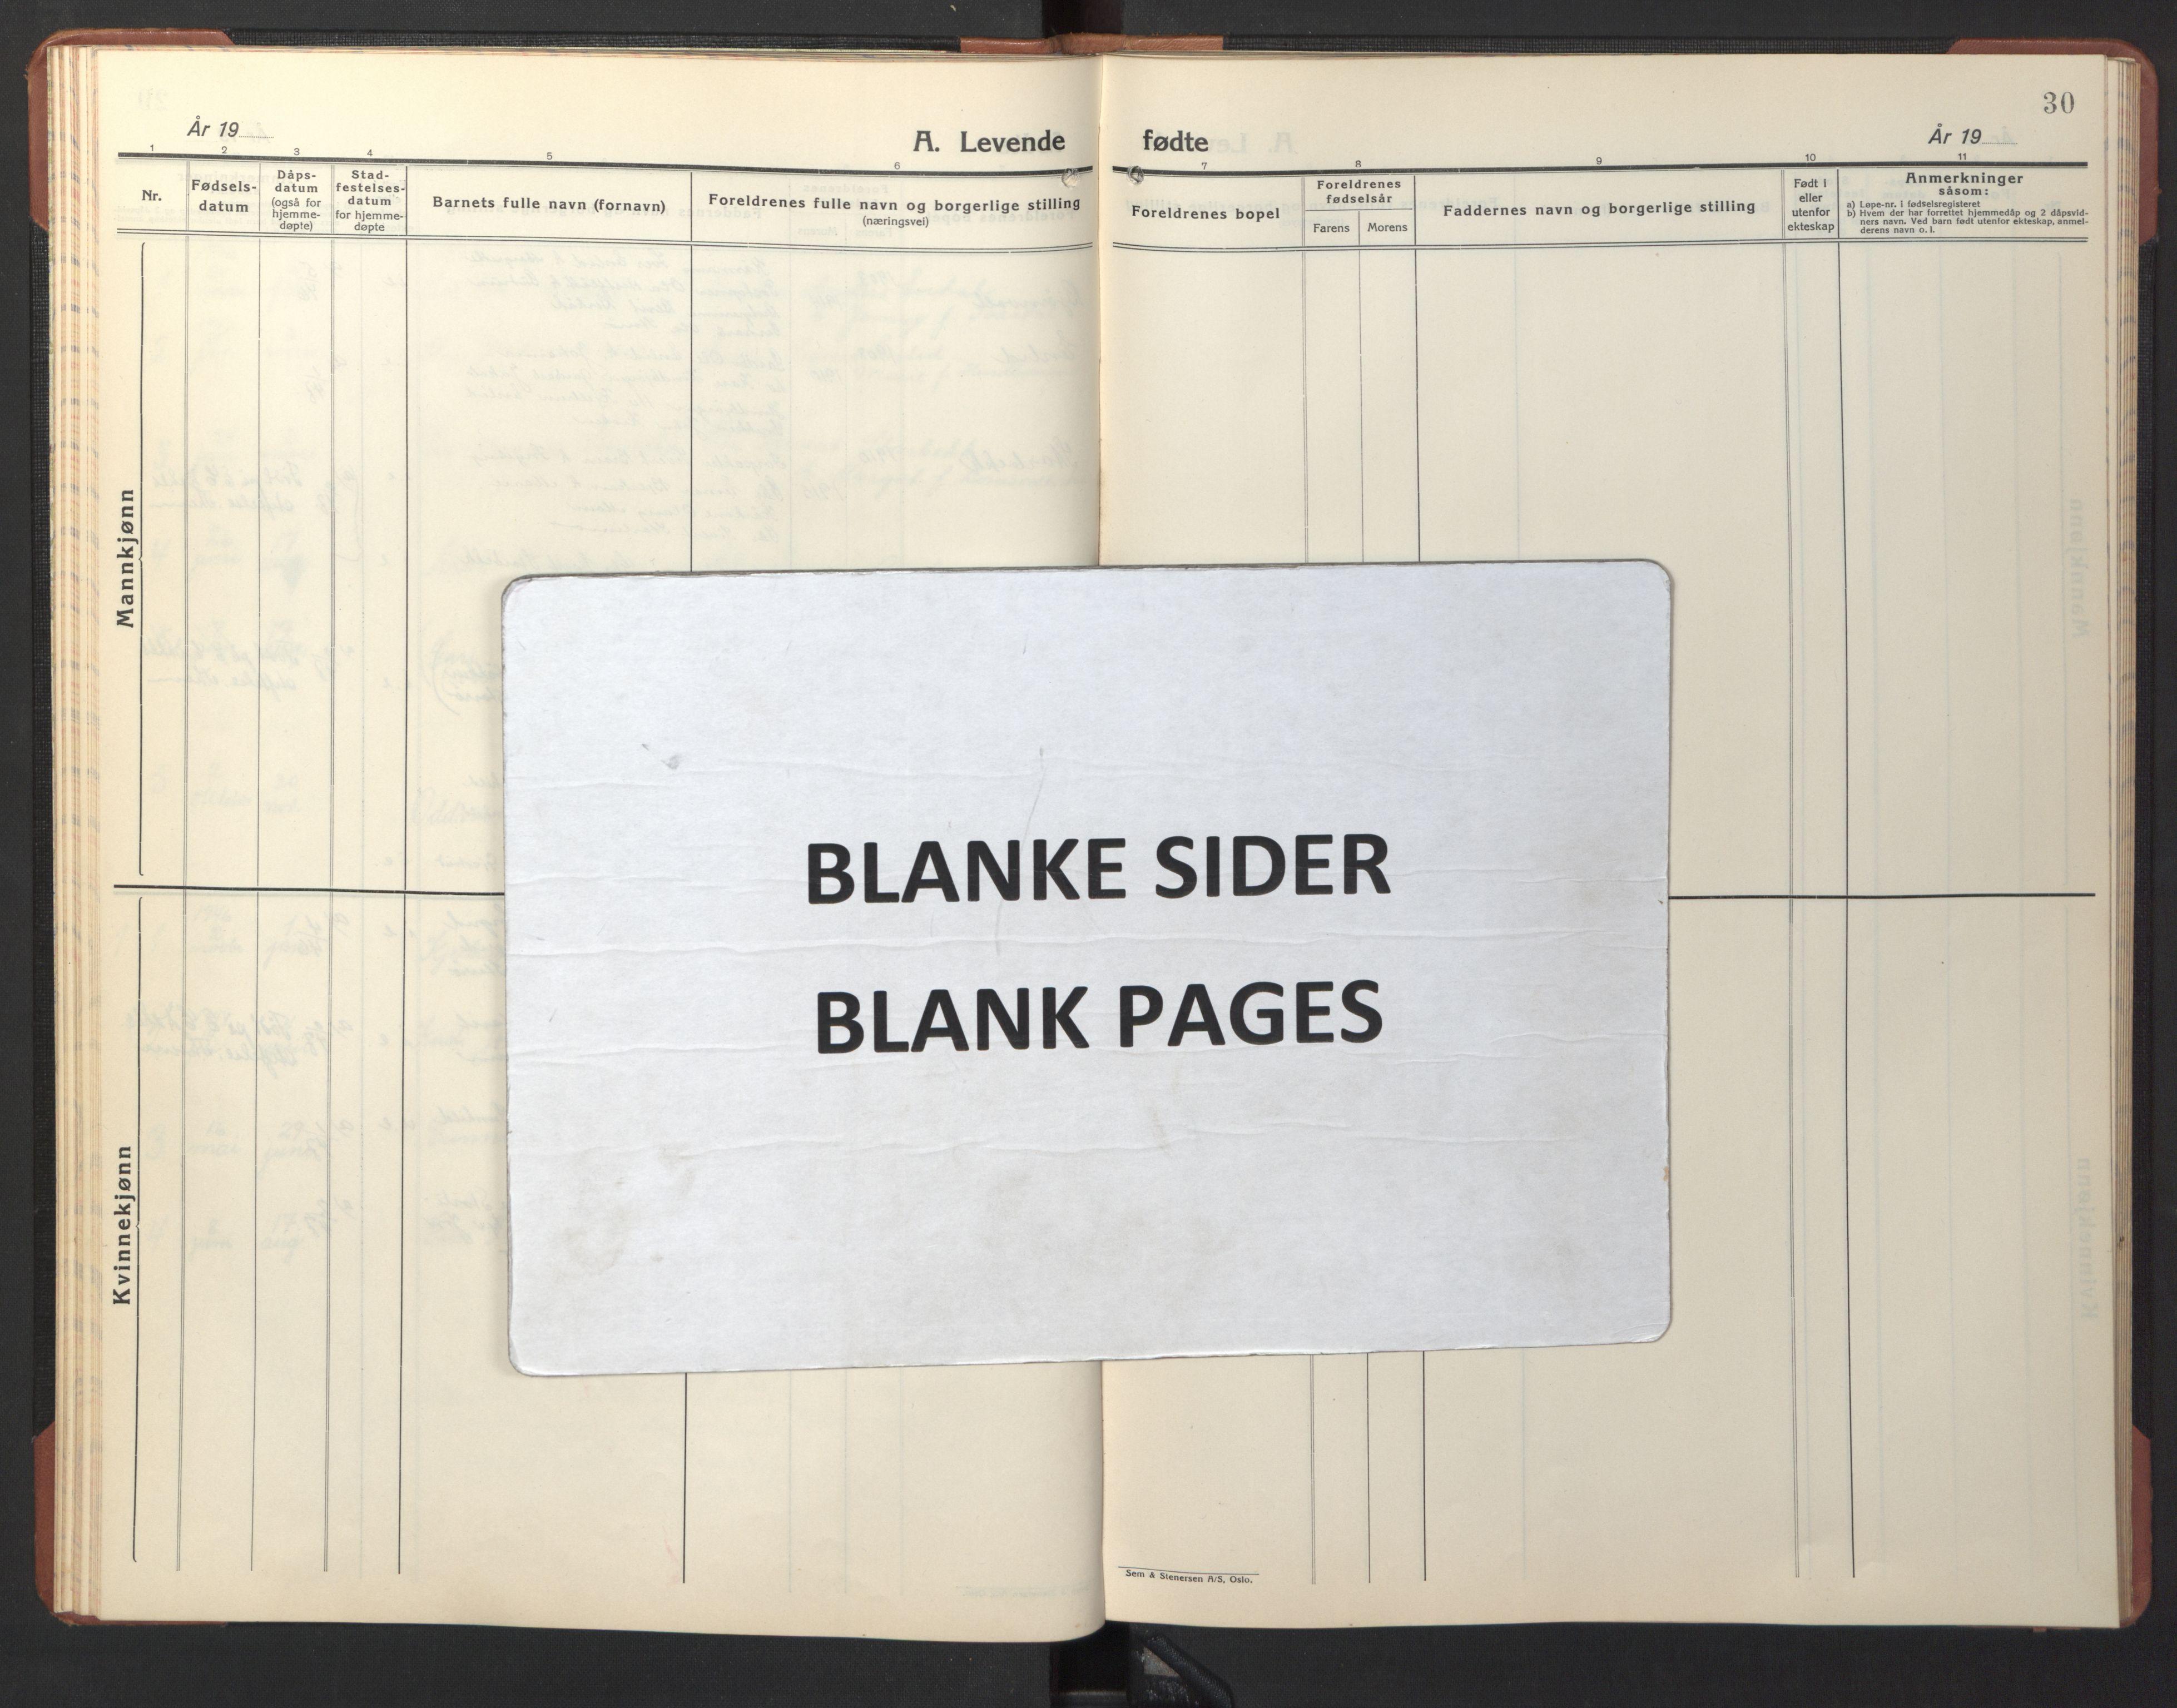 SAT, Ministerialprotokoller, klokkerbøker og fødselsregistre - Sør-Trøndelag, 690/L1053: Klokkerbok nr. 690C03, 1930-1947, s. 30